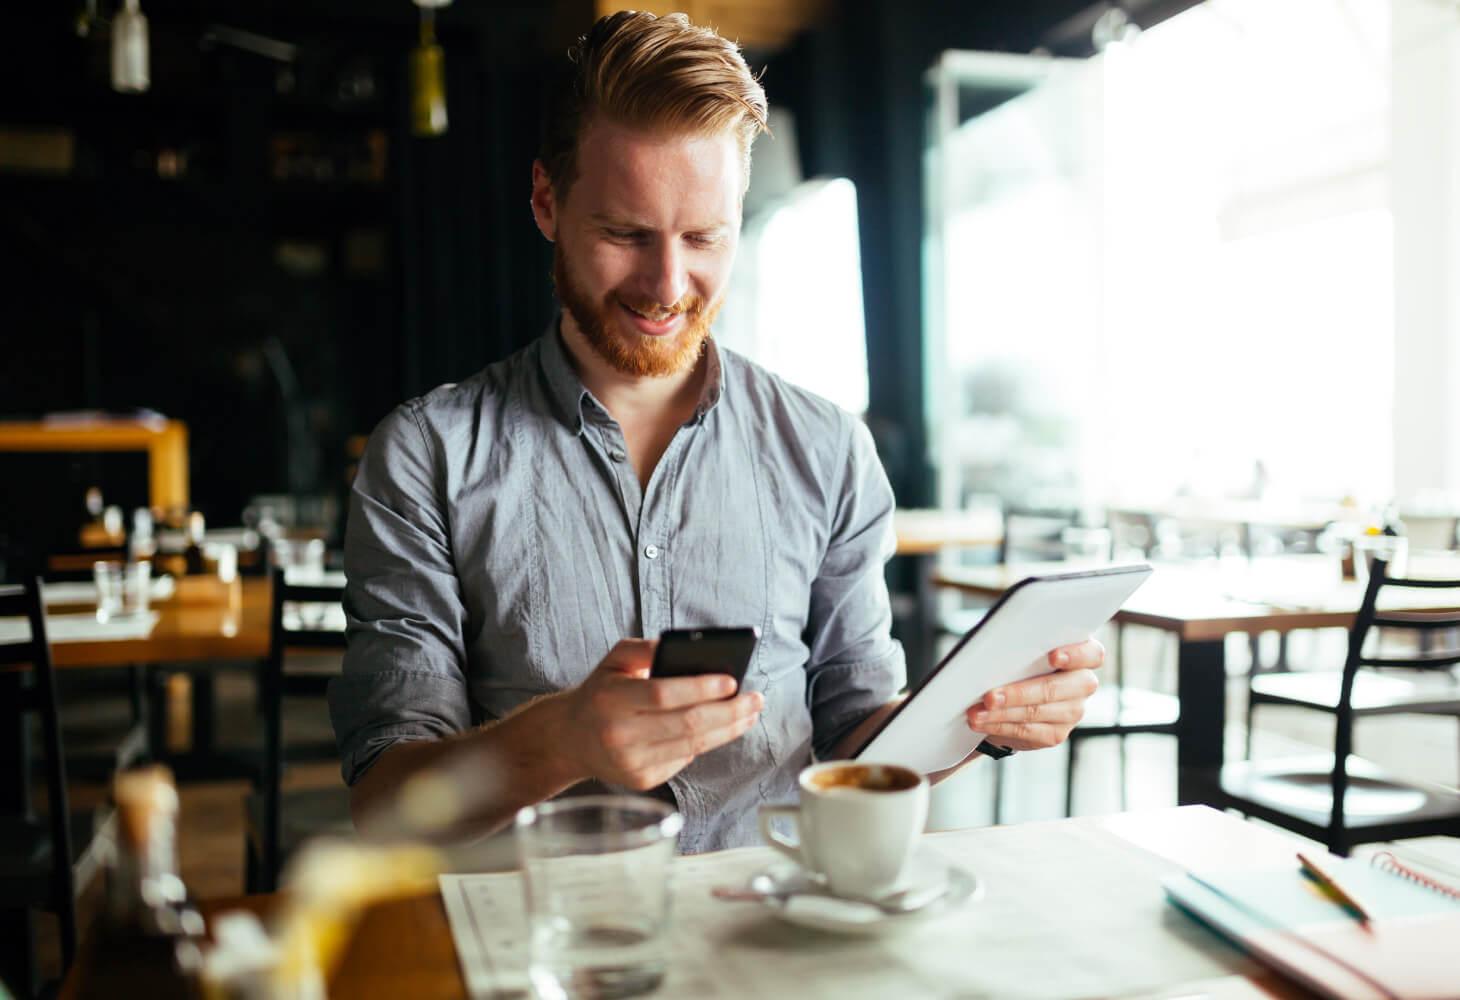 Krögare analyserar data i sin restaurang. Optimerar sin verksamhet.